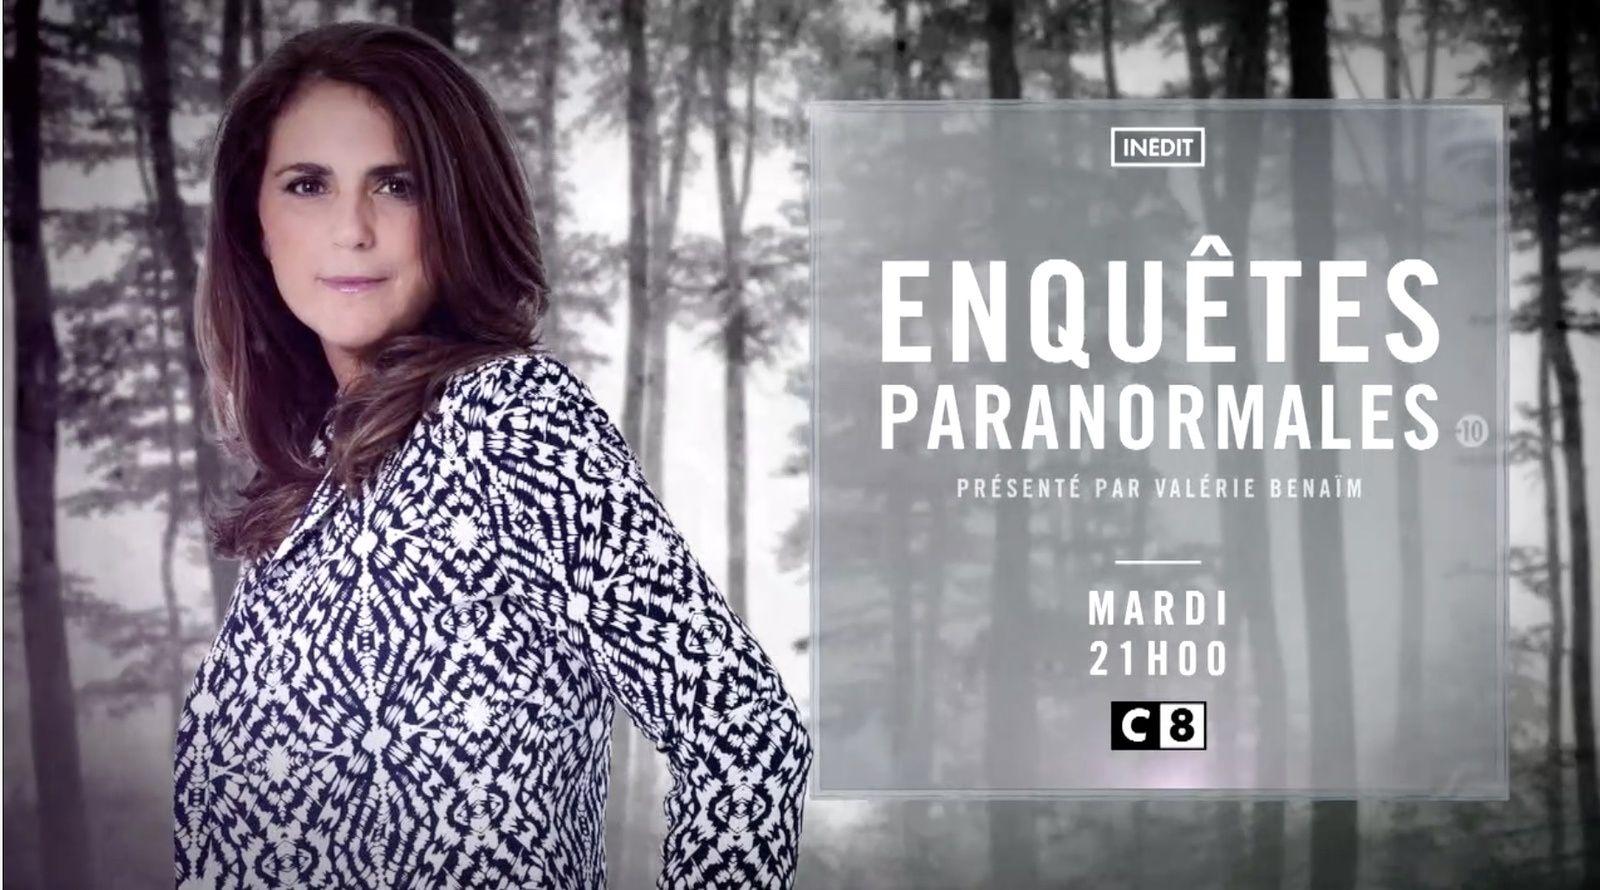 Le sommaire du second numéro d'Enquêtes paranormales (diffusion ce mardi soir sur C8).